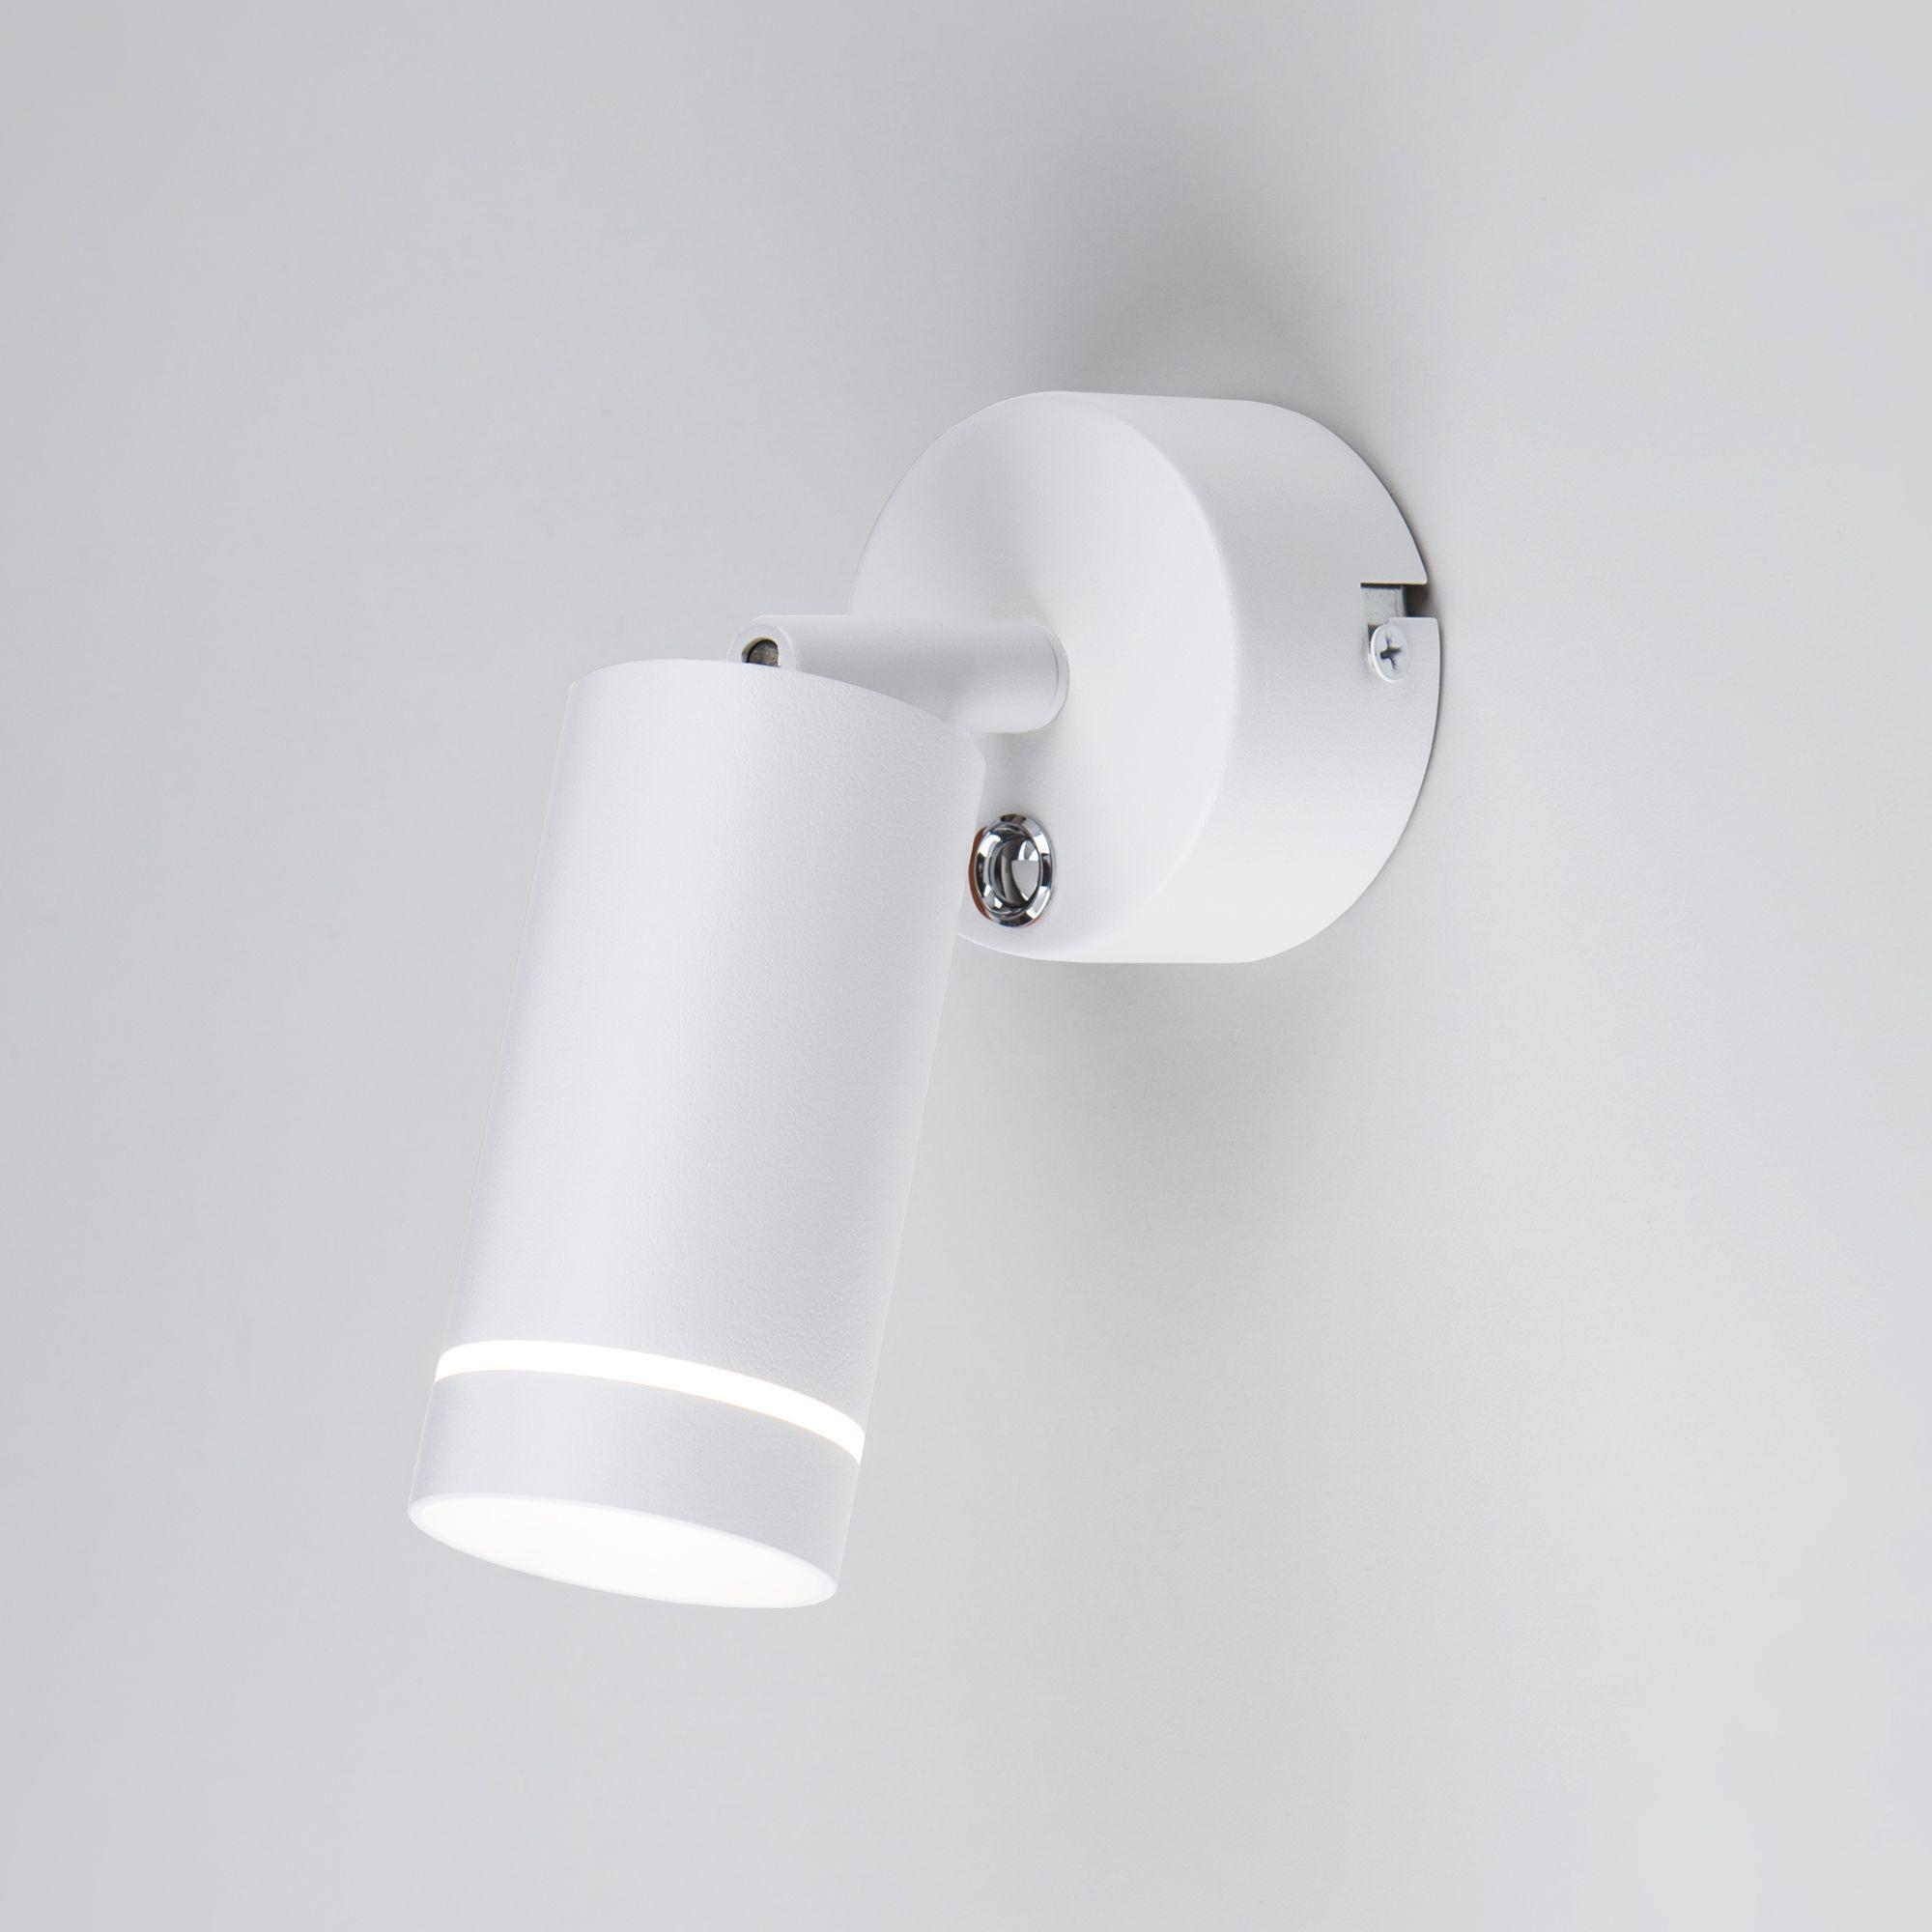 Настенный светодиодный светильник Glory SW LED белый Glory SW LED белый (MRL LED 1005)